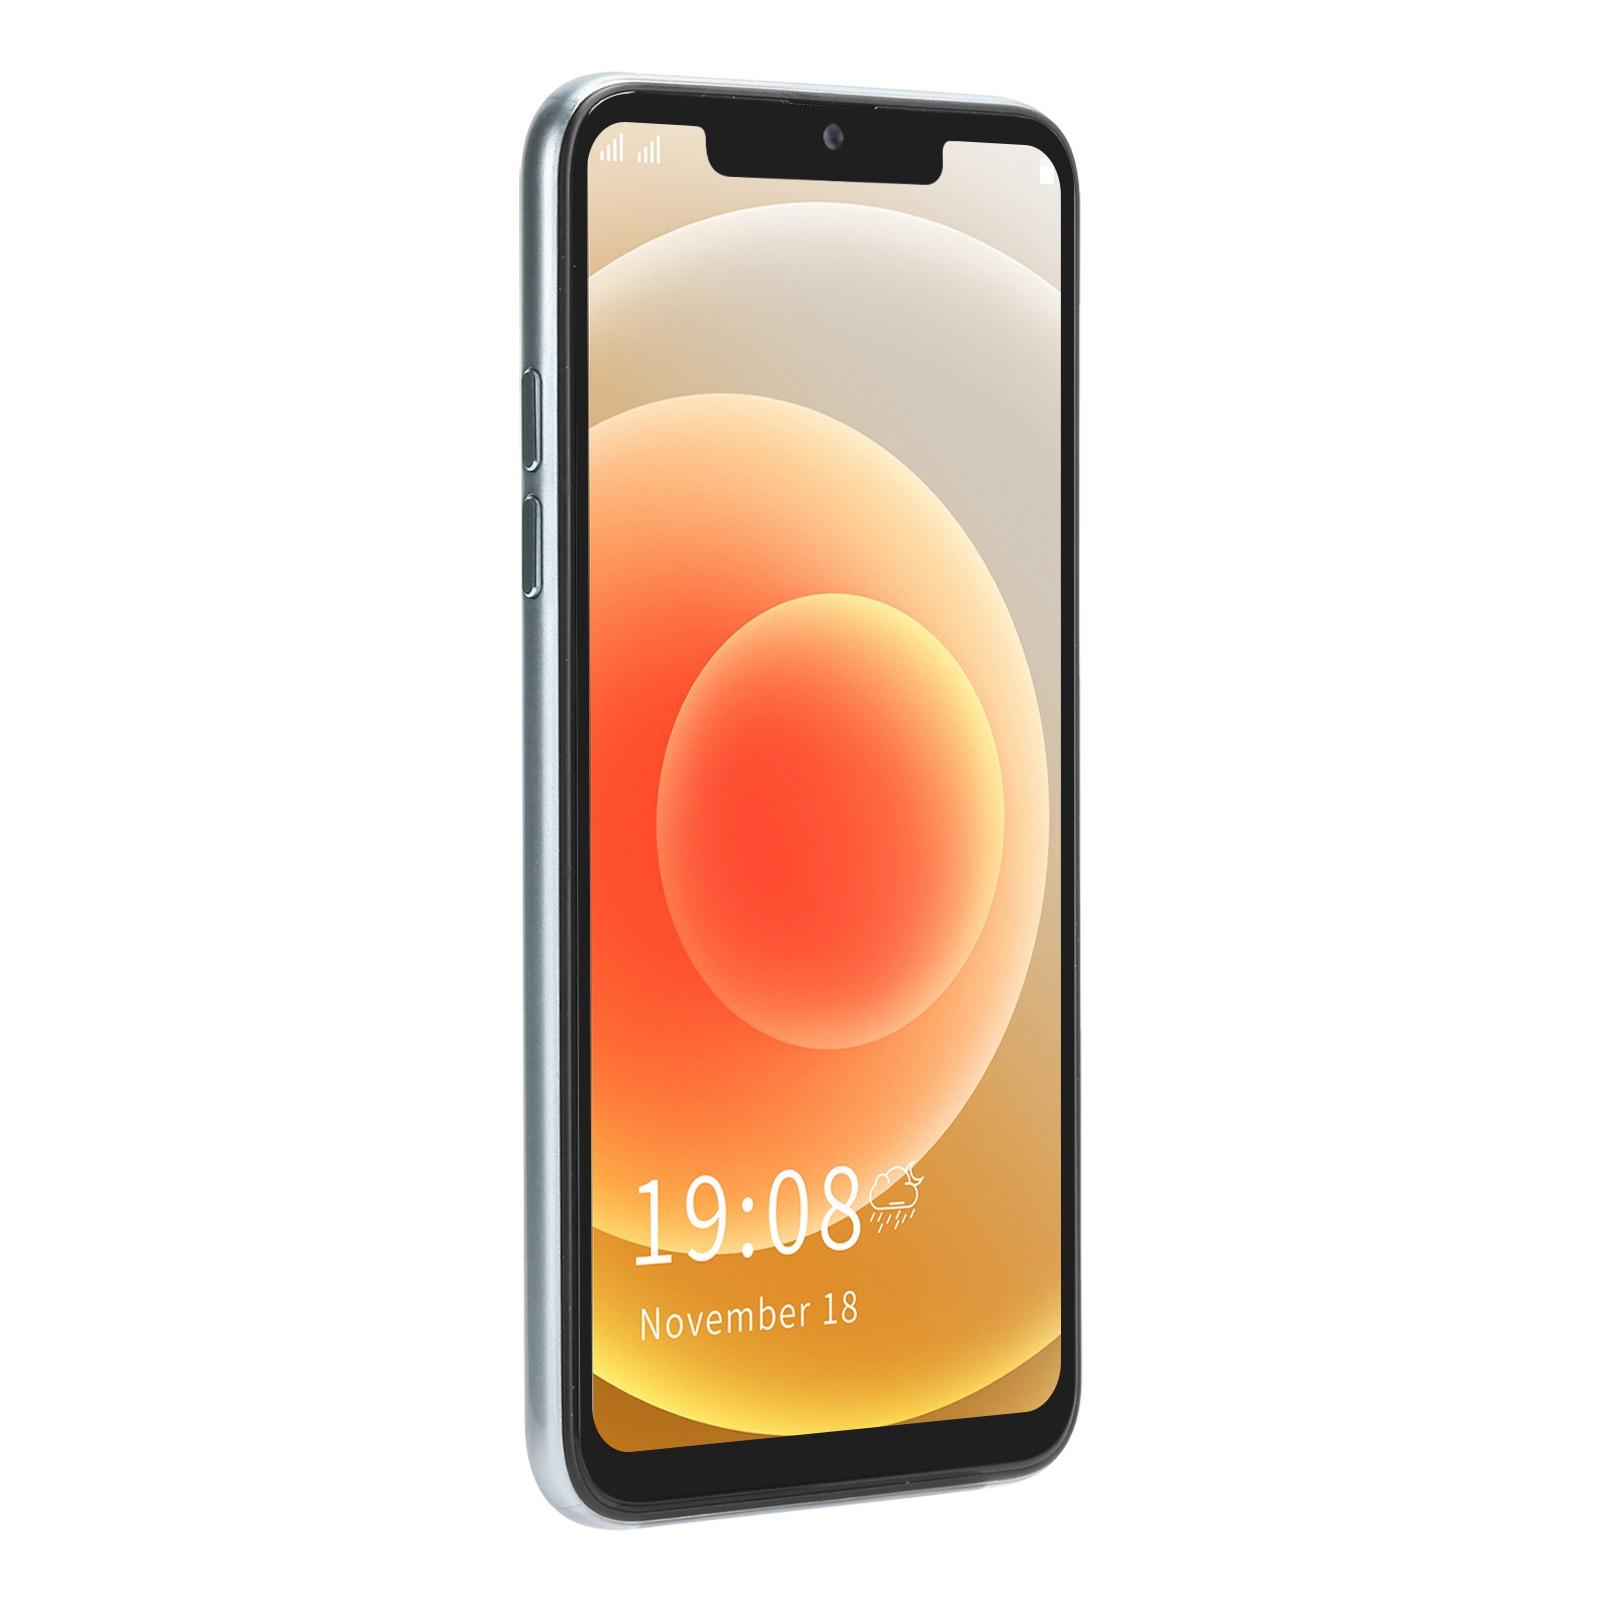 """miniature 45 - 6.5"""" Smartphone 1 Go 16 Go Mobile Phone Dual SIM avant arrière double caméra Android"""